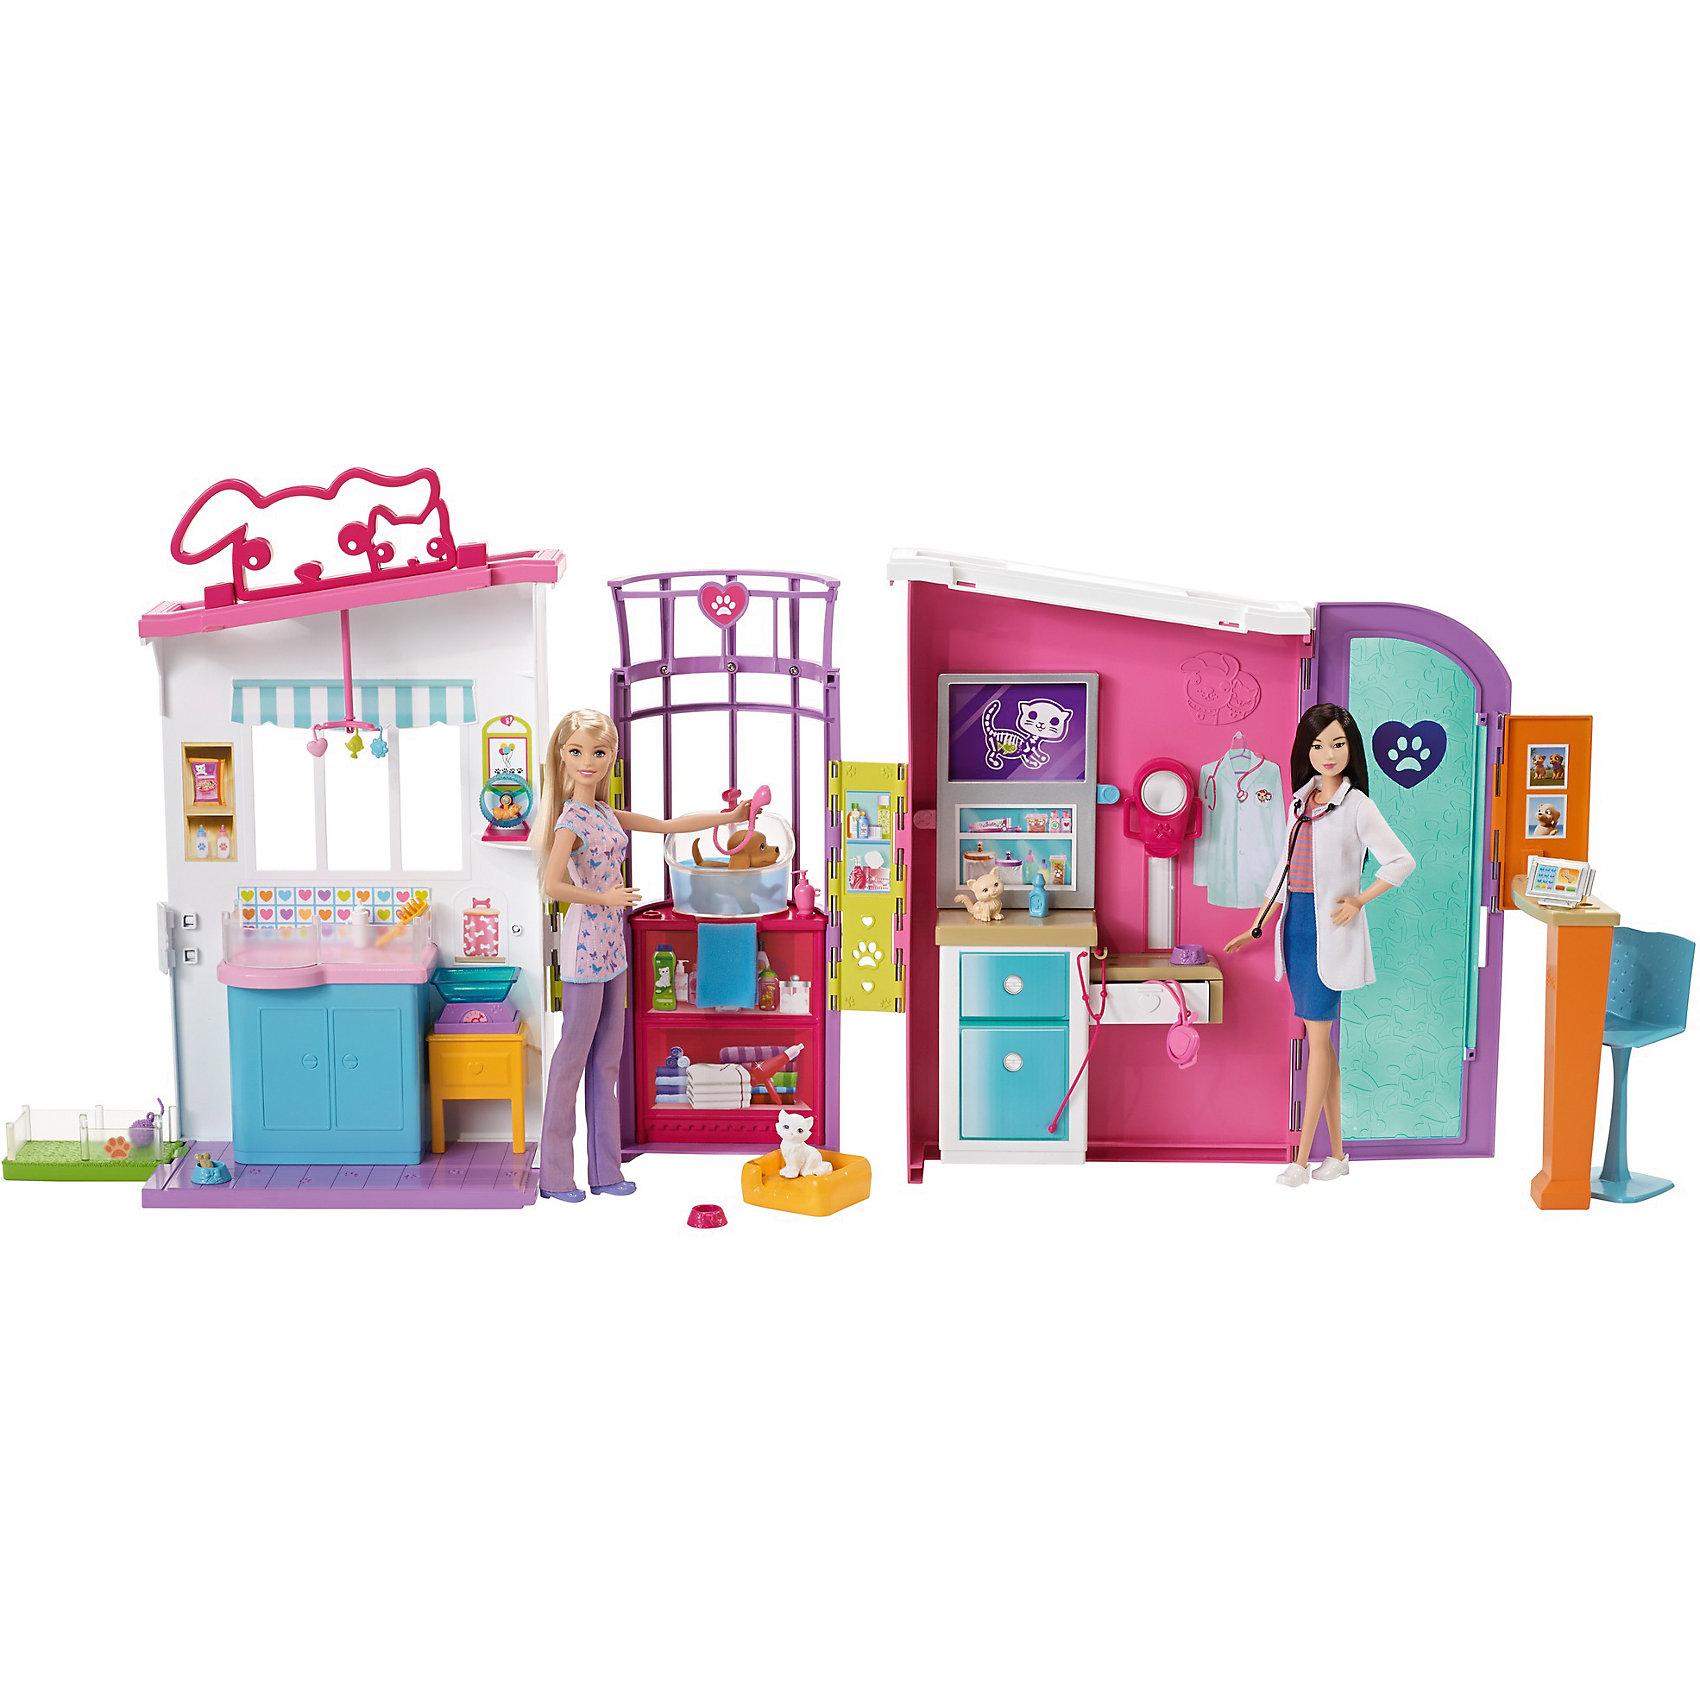 Игровой набор Barbie Ветеринарный центрДомики и мебель<br>Характеристики товара:<br><br>• возраст: от 3 лет<br>• тип игрушки: кукла с аксессуарами<br>• материал: пластик, текстиль;<br>• размер упаковки: 32,5X46X14,5<br>• страна бренда: США<br><br>В ярком наборе «Ветеринарный центр» четыре игровых пространства с?увлекательными возможностями, реалистичными декорациями и приятными аксессуарами. <br><br>Четыре пушистых пациента— щенок, кот, котенок и хомяк— готовы встретиться с доктором (кукла продается отдельно)! Запишись на прием на стойке регистрации, оснащенной компьютером и стулом. <br><br>Передвигай картинки на рентгене, чтобы увидеть изображения кота, собаки и хомяка. В парикмахерской животных приведут в порядок и искупают в специальной ванне. После мытья животные могут отдохнуть в комнате отдыха или сделать свои дела на маленькой лужайке. <br><br>В наборе есть лежанка для животных, миски и бутылочки, лакомства и игрушки, принадлежности для ухода за шерстью и стетоскоп.<br><br>Игровой набор Barbie Ветеринарный центр можно купить в нашем интернет-магазине.<br><br>Ширина мм: 482<br>Глубина мм: 337<br>Высота мм: 162<br>Вес г: 2498<br>Возраст от месяцев: 36<br>Возраст до месяцев: 72<br>Пол: Женский<br>Возраст: Детский<br>SKU: 6746579